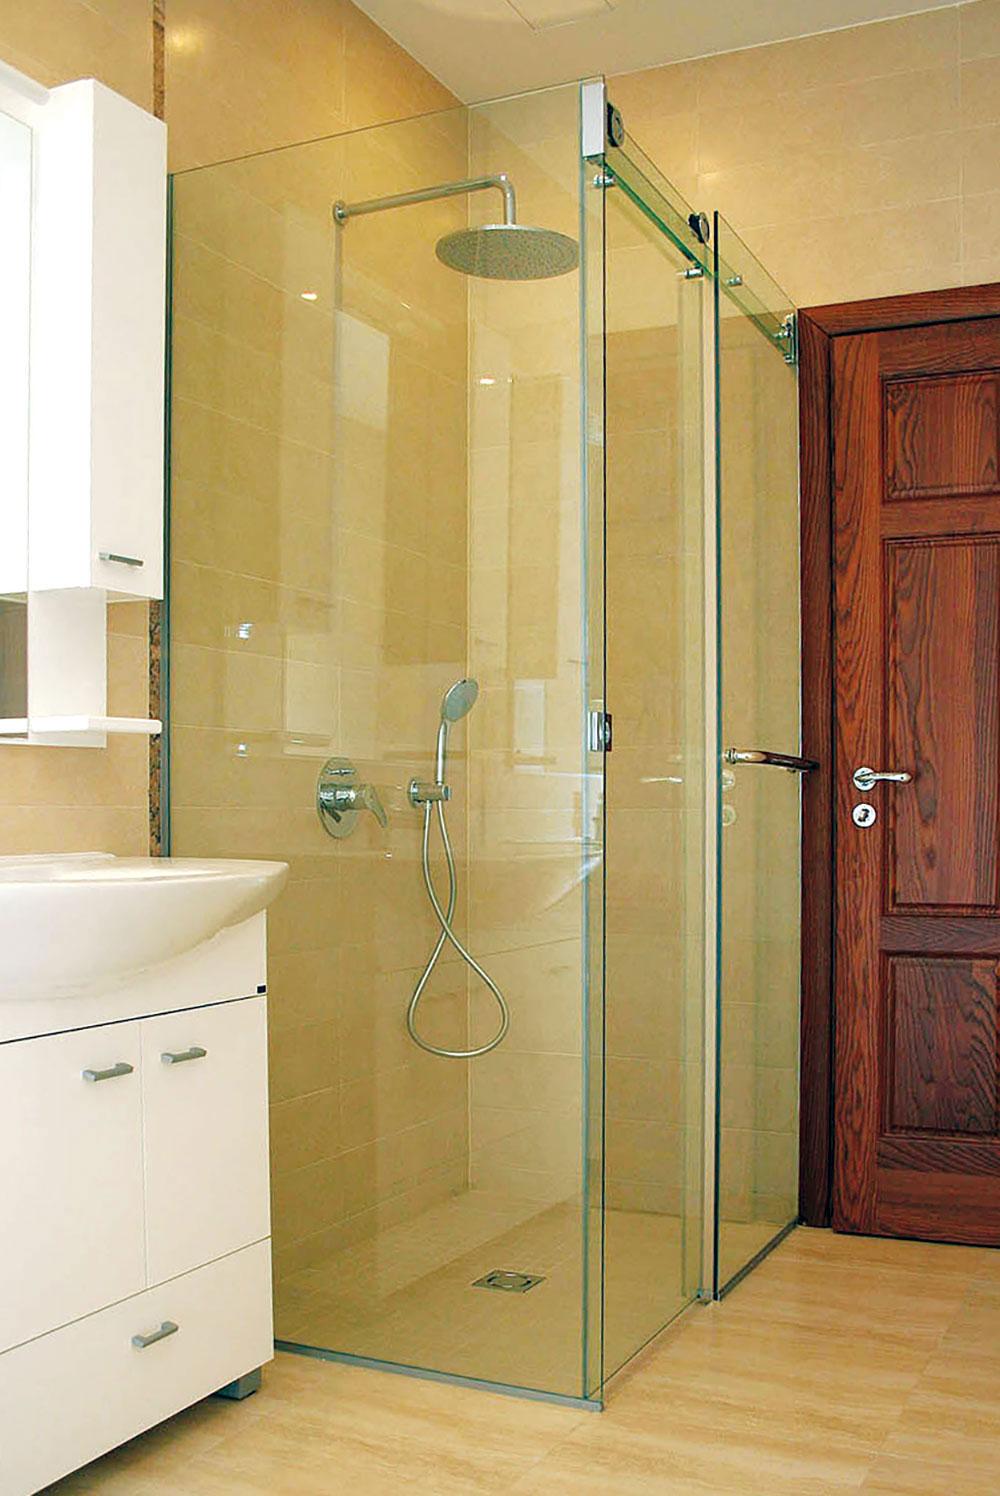 Intima-Showers-tus-kabine-su-najbolje-resenje-za-svako-kupatilo